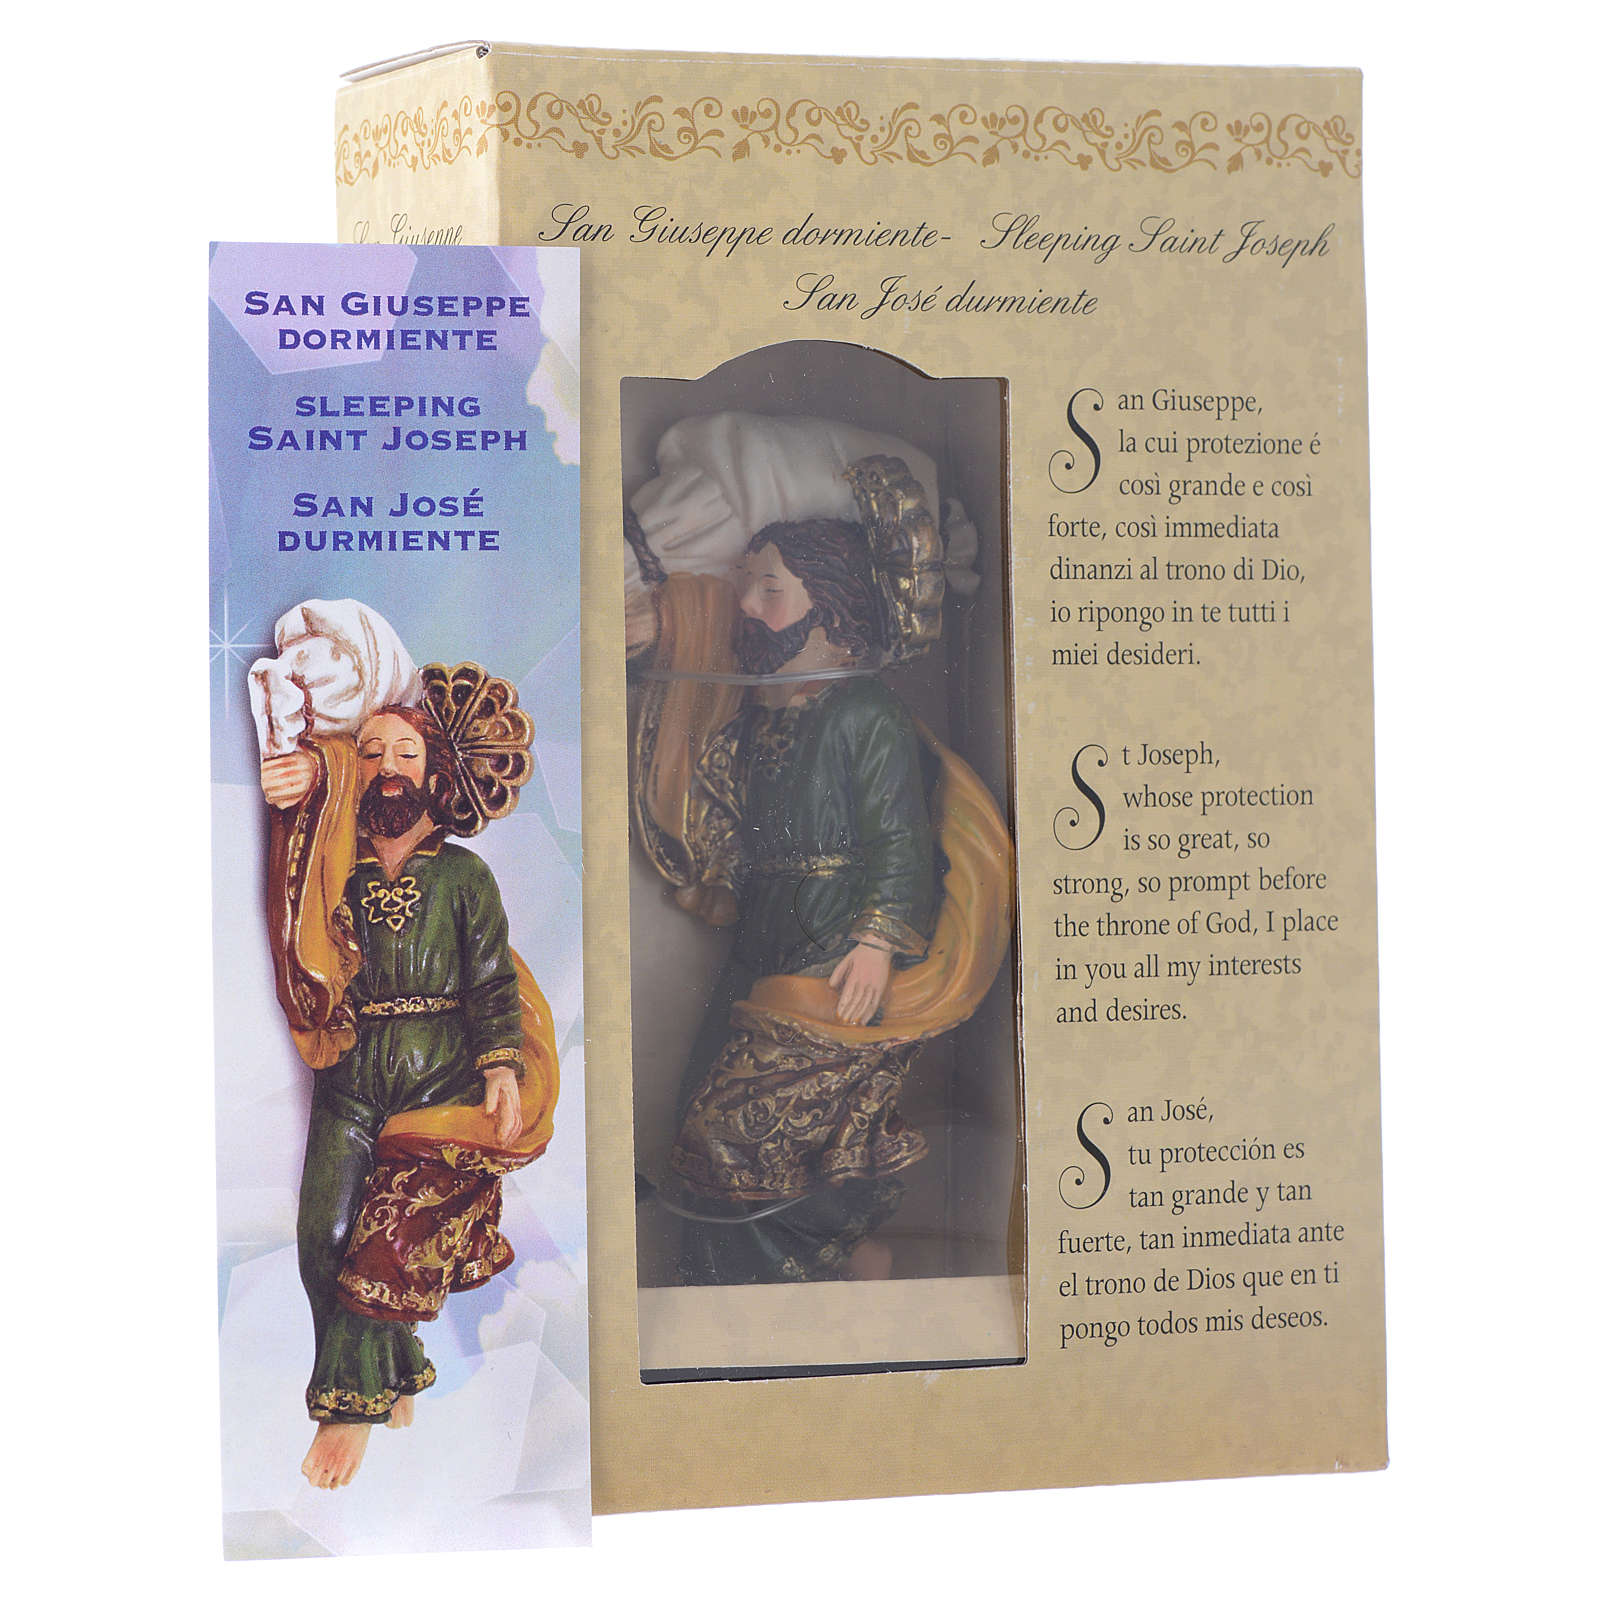 Saint Joseph endormi 12 cm pvc en boite cadeau PRIÈRE MULTILINGUE 4